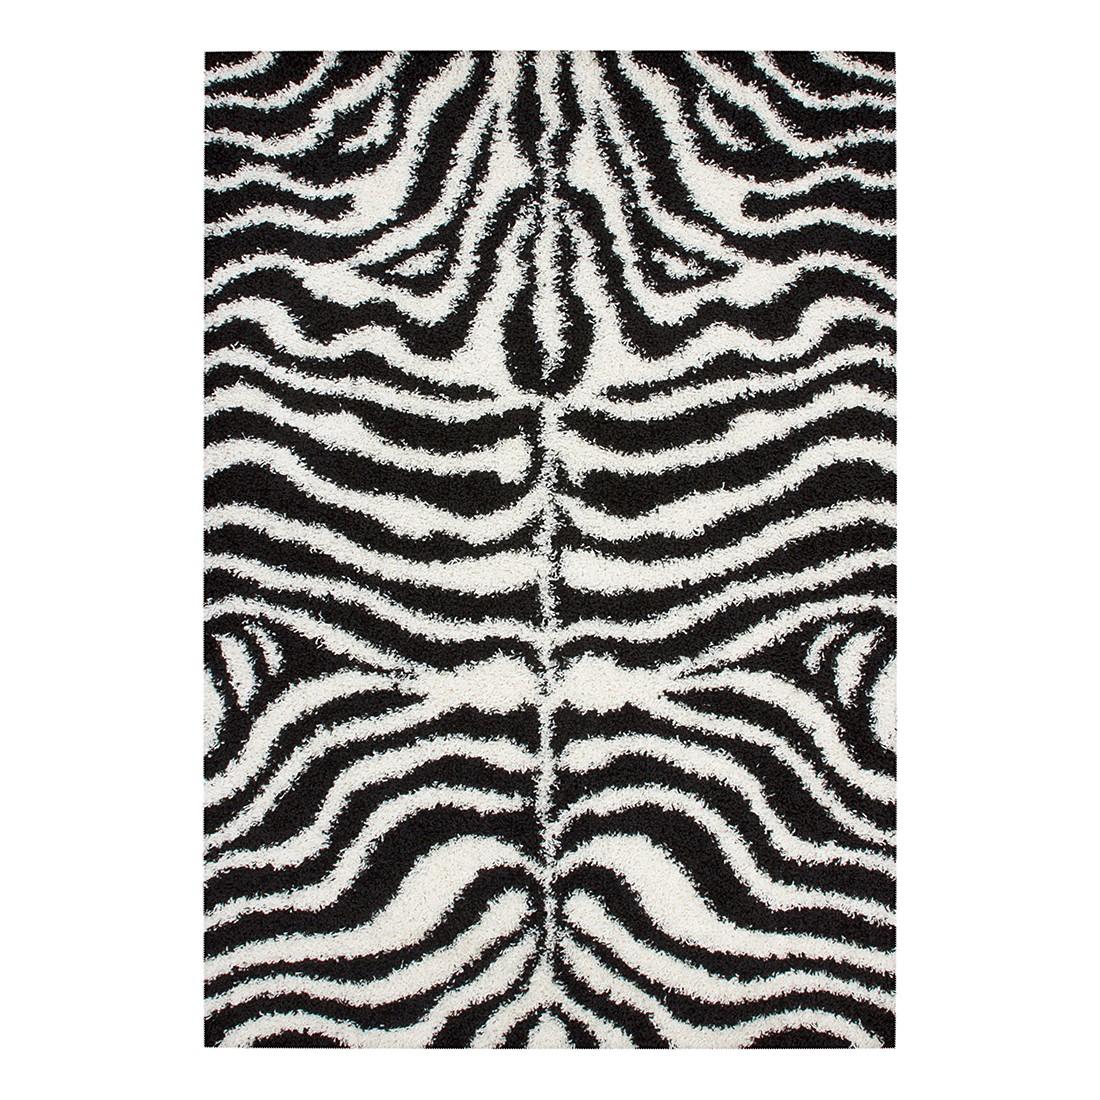 Teppich Hamburg – Multicolor – 160 x 230 cm, Kayoom online bestellen